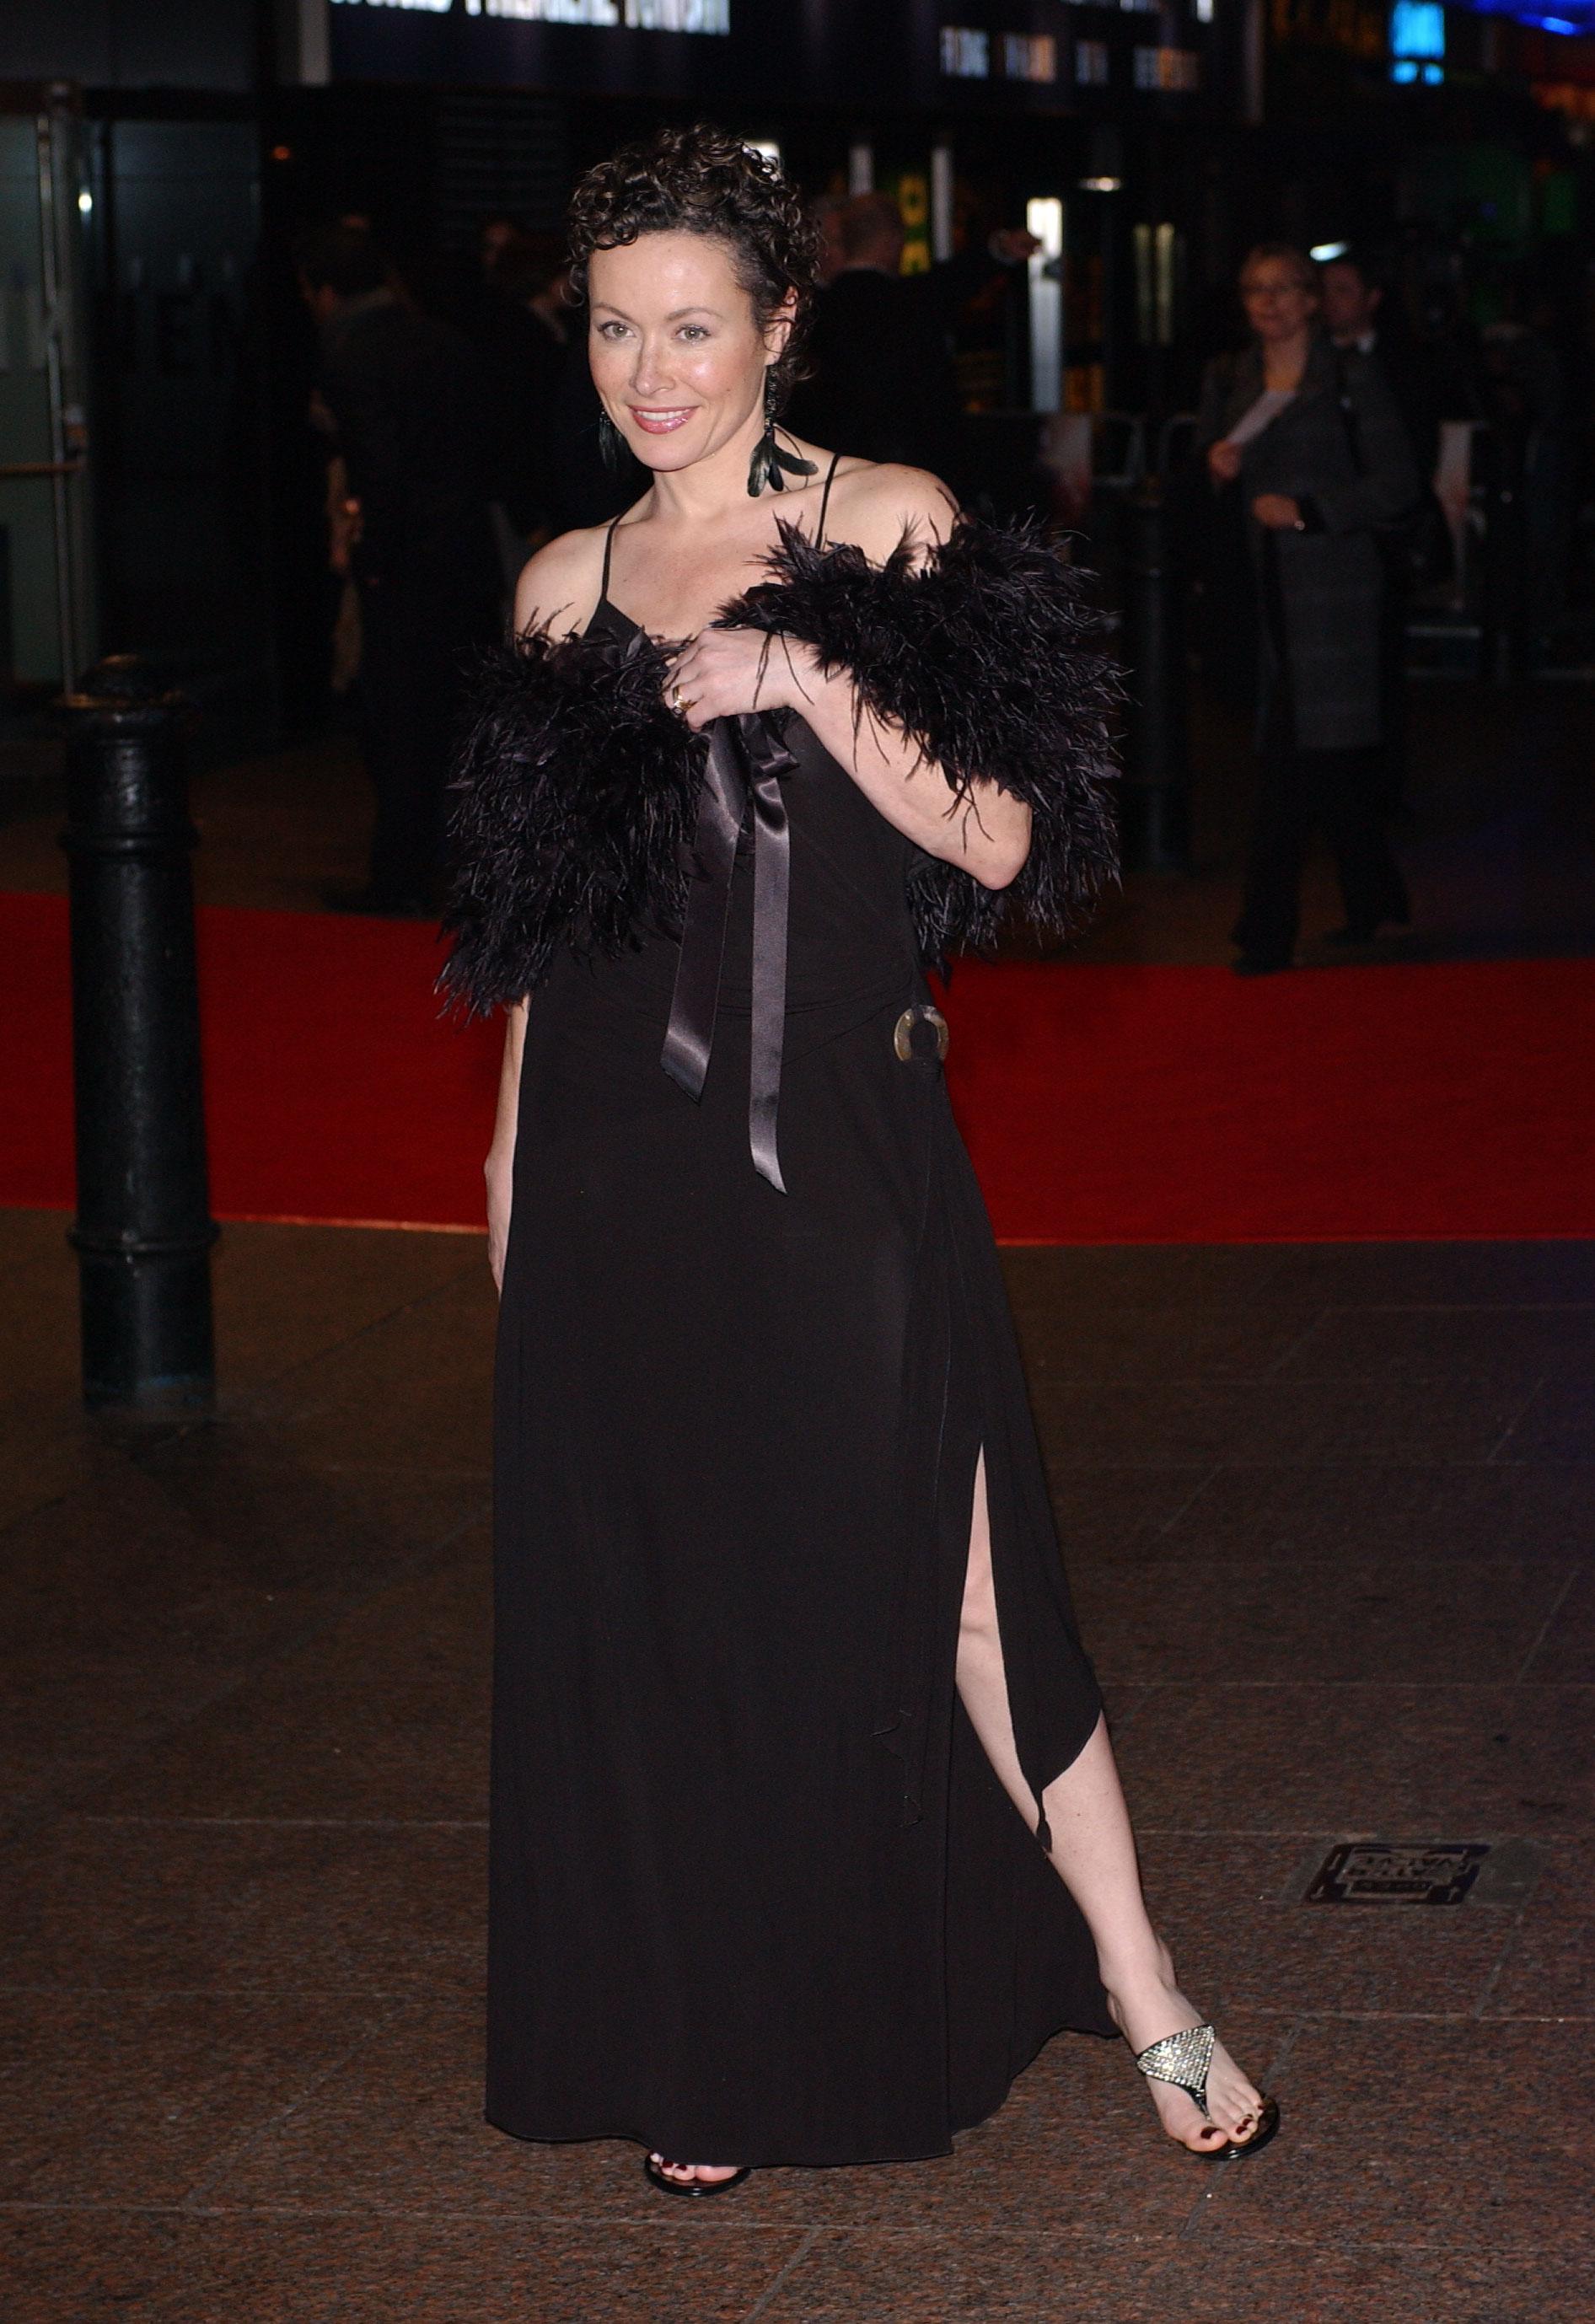 Amanda Mealing Actress actress film picturess: amanda mealing wallpaper